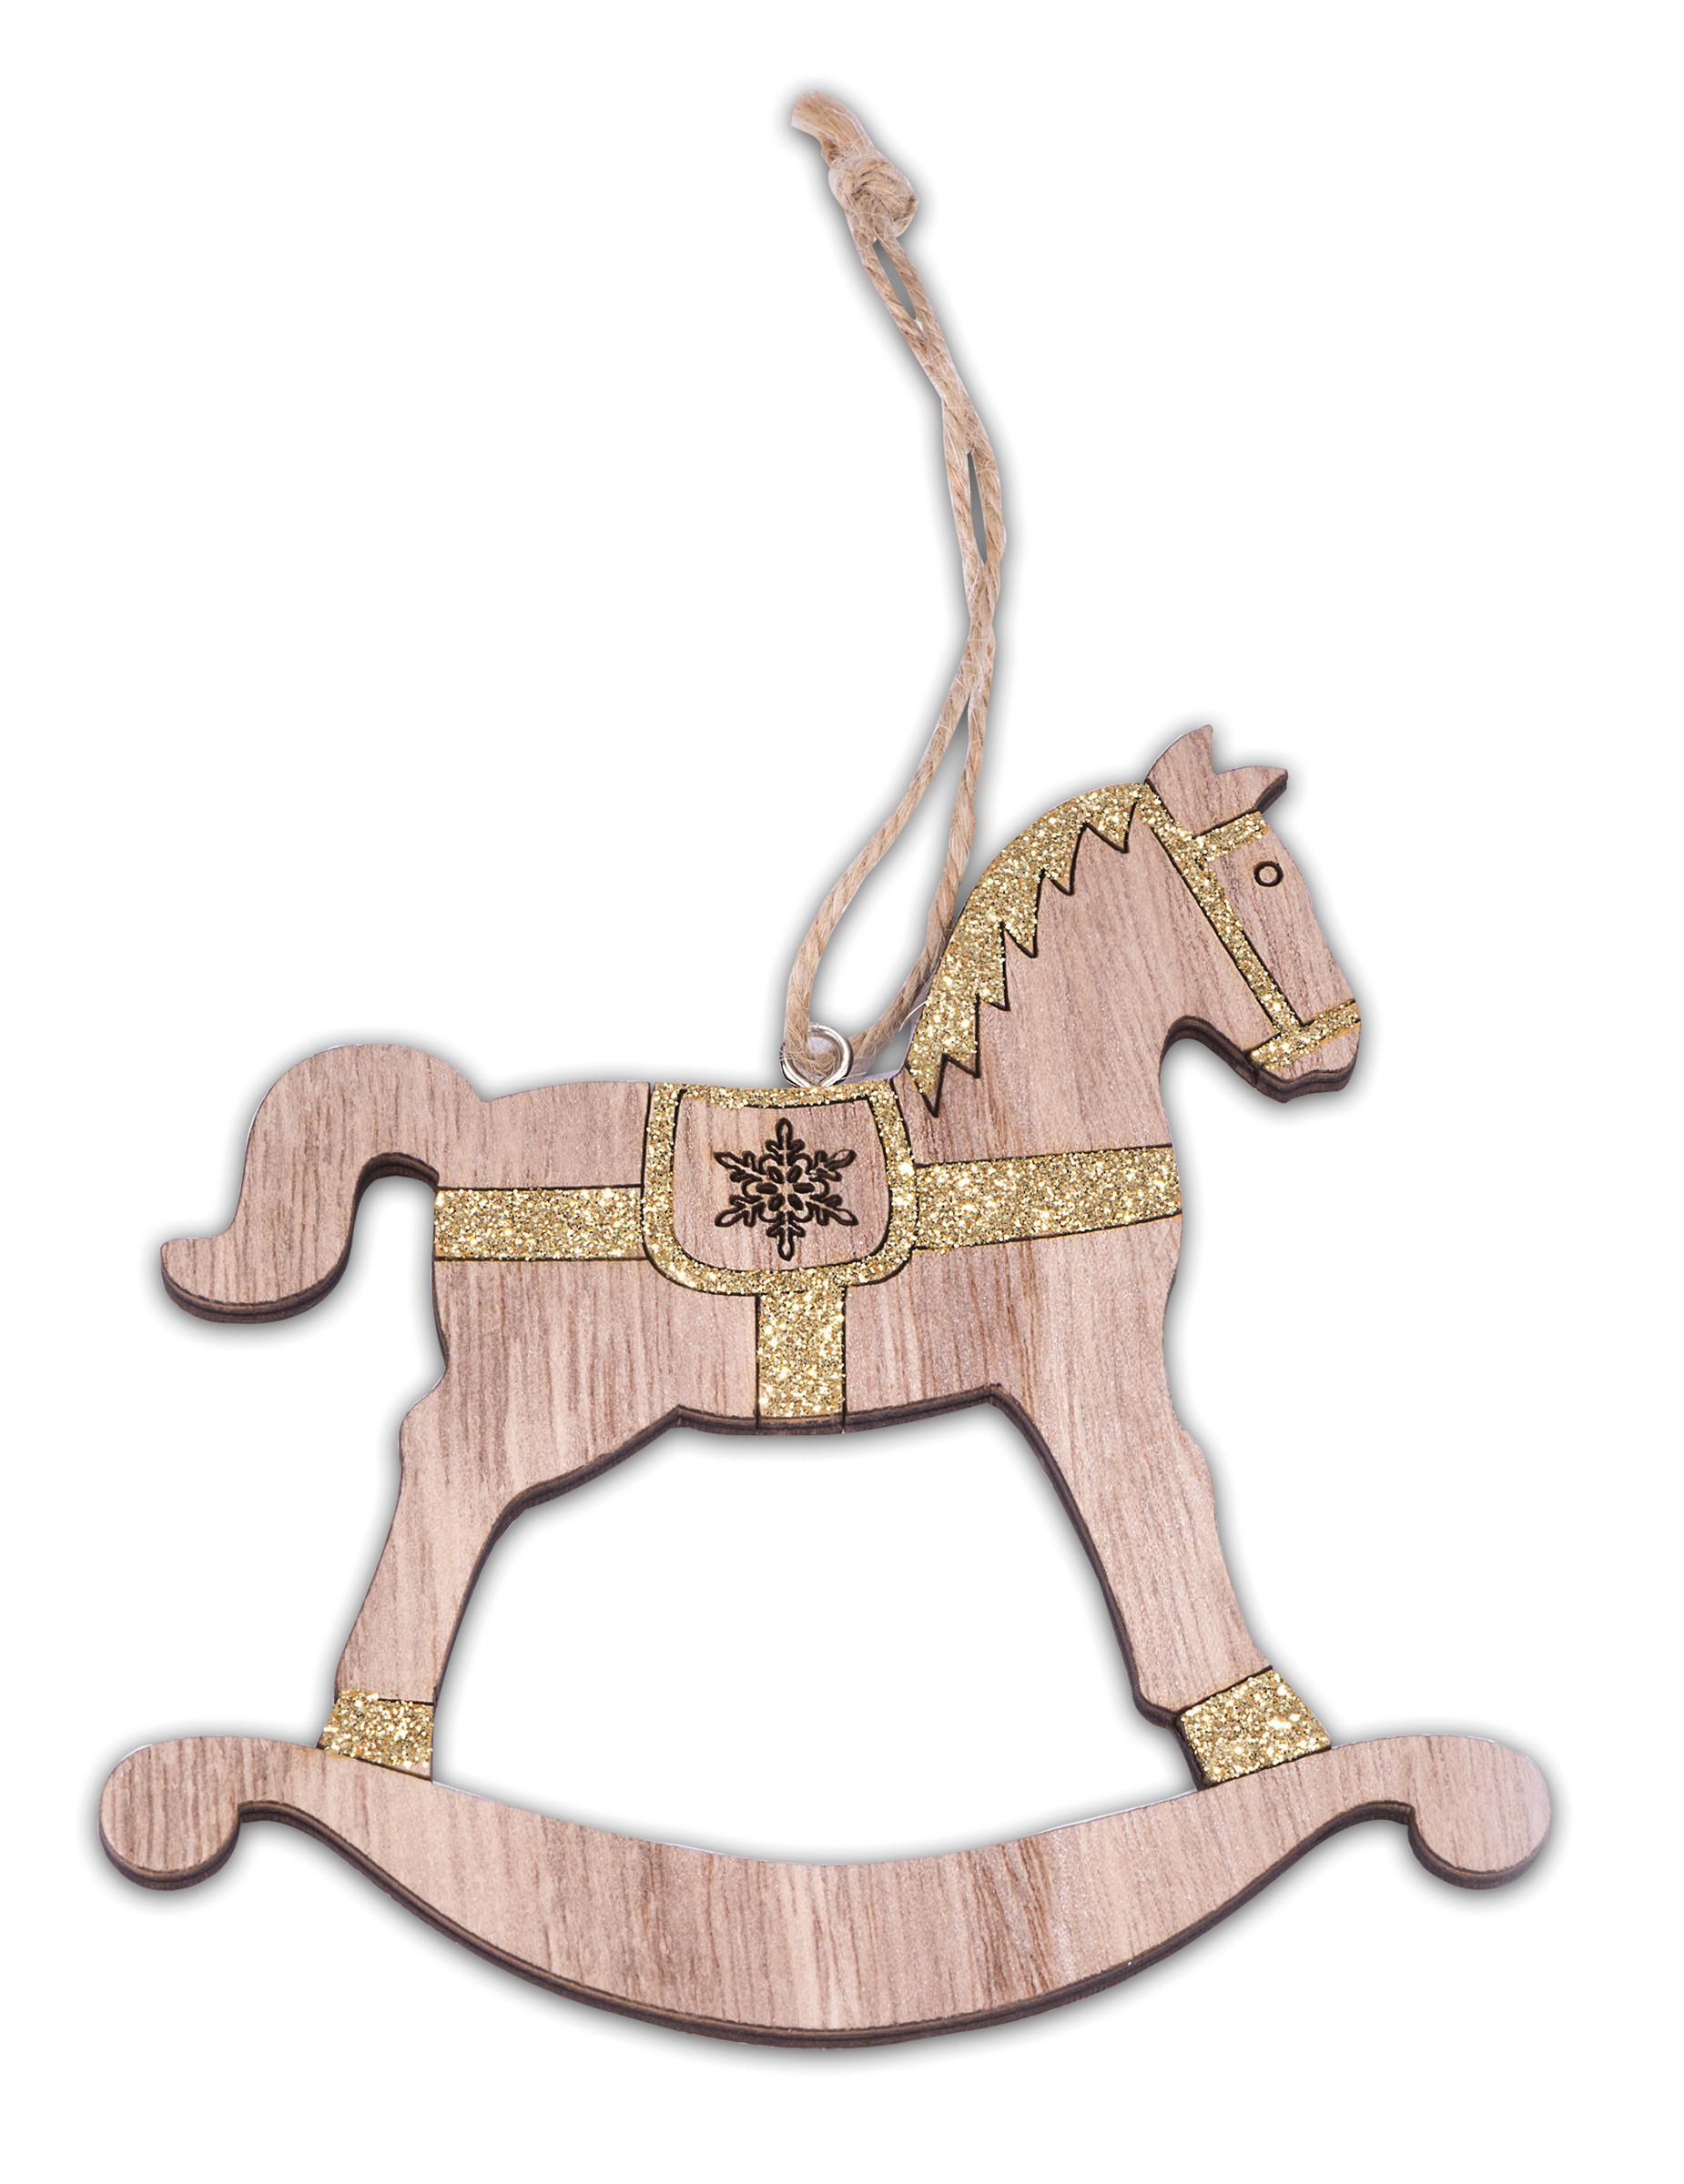 cheval bascule en bois paillet dor 12 cm d coration anniversaire et f tes th me sur. Black Bedroom Furniture Sets. Home Design Ideas